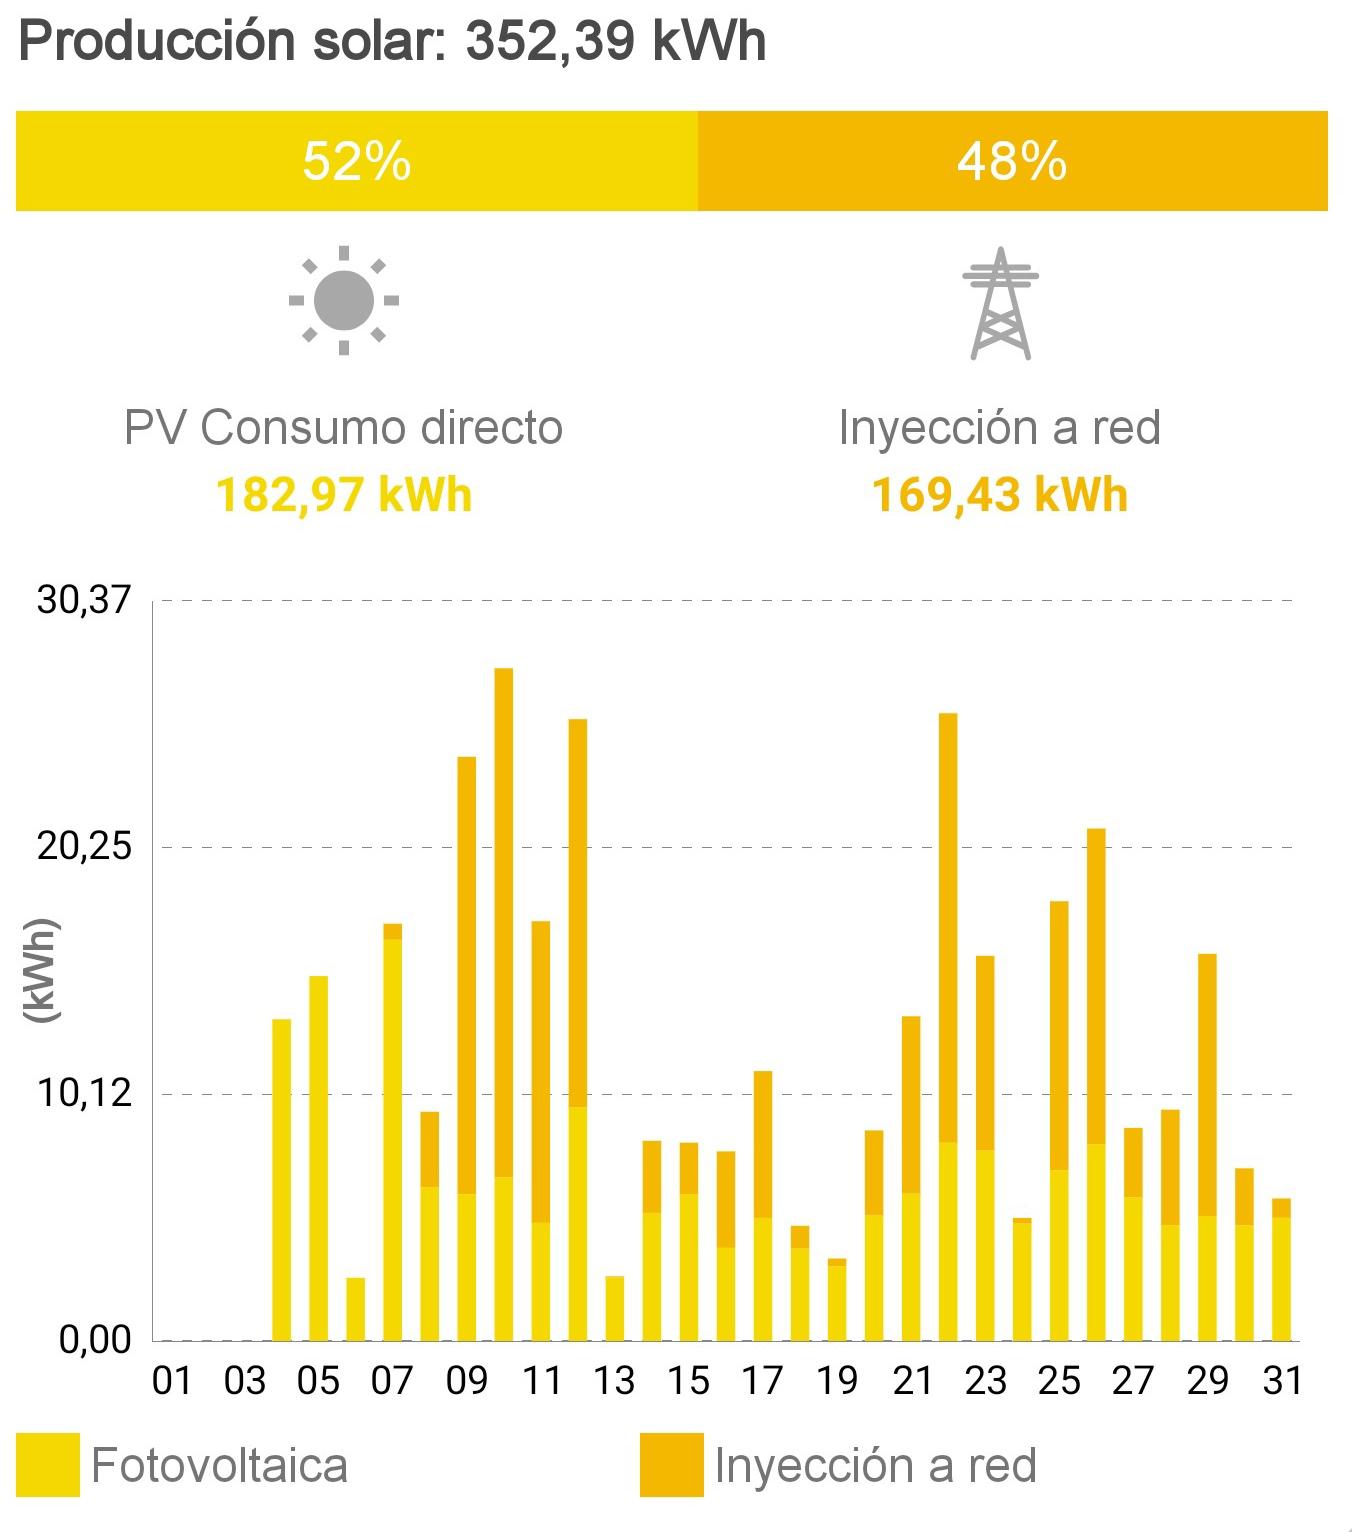 Producción Solar fotovoltaica